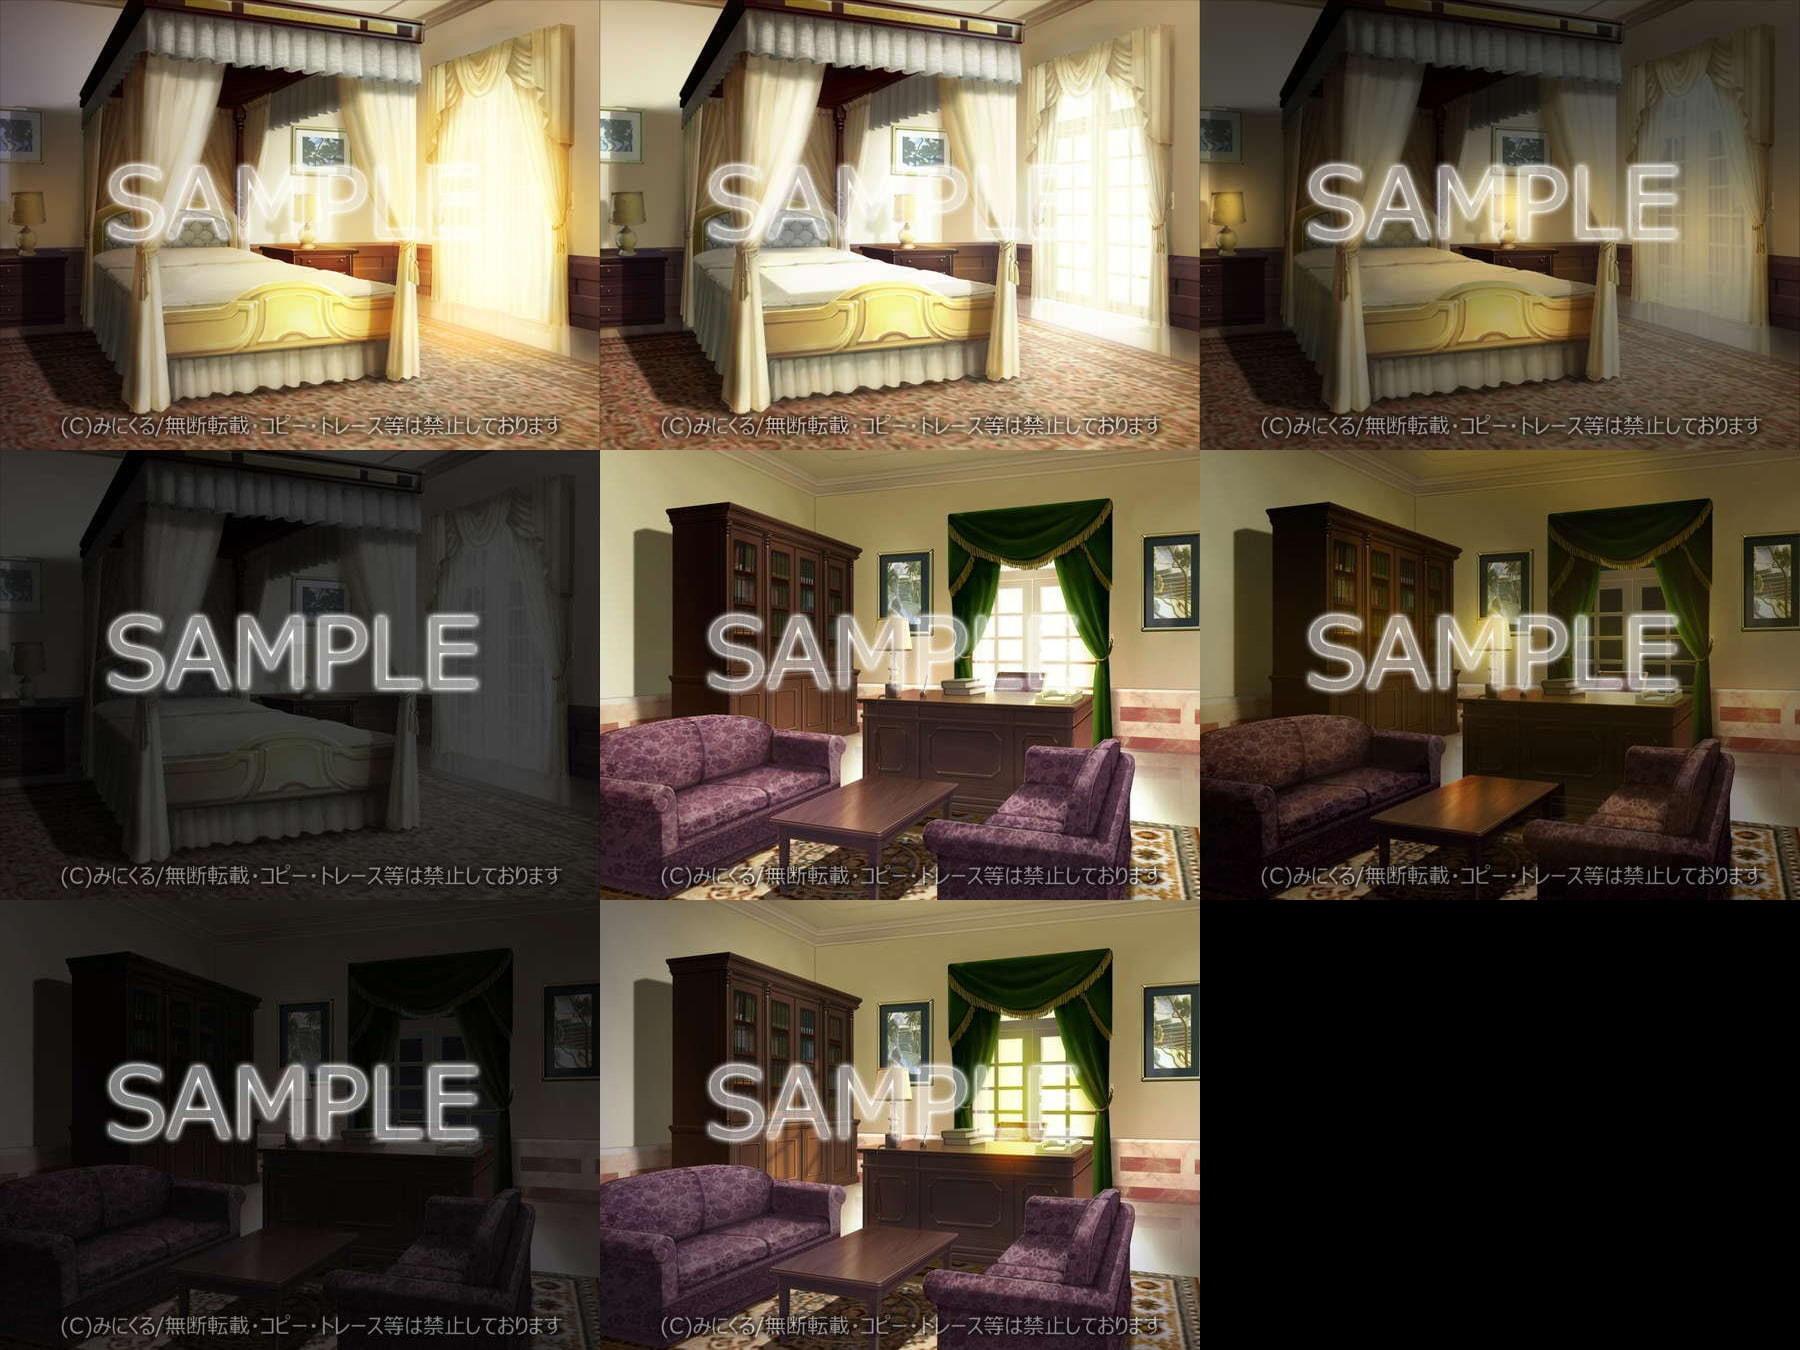 みにくる背景CG素材集『お屋敷編』part03 エロ画像